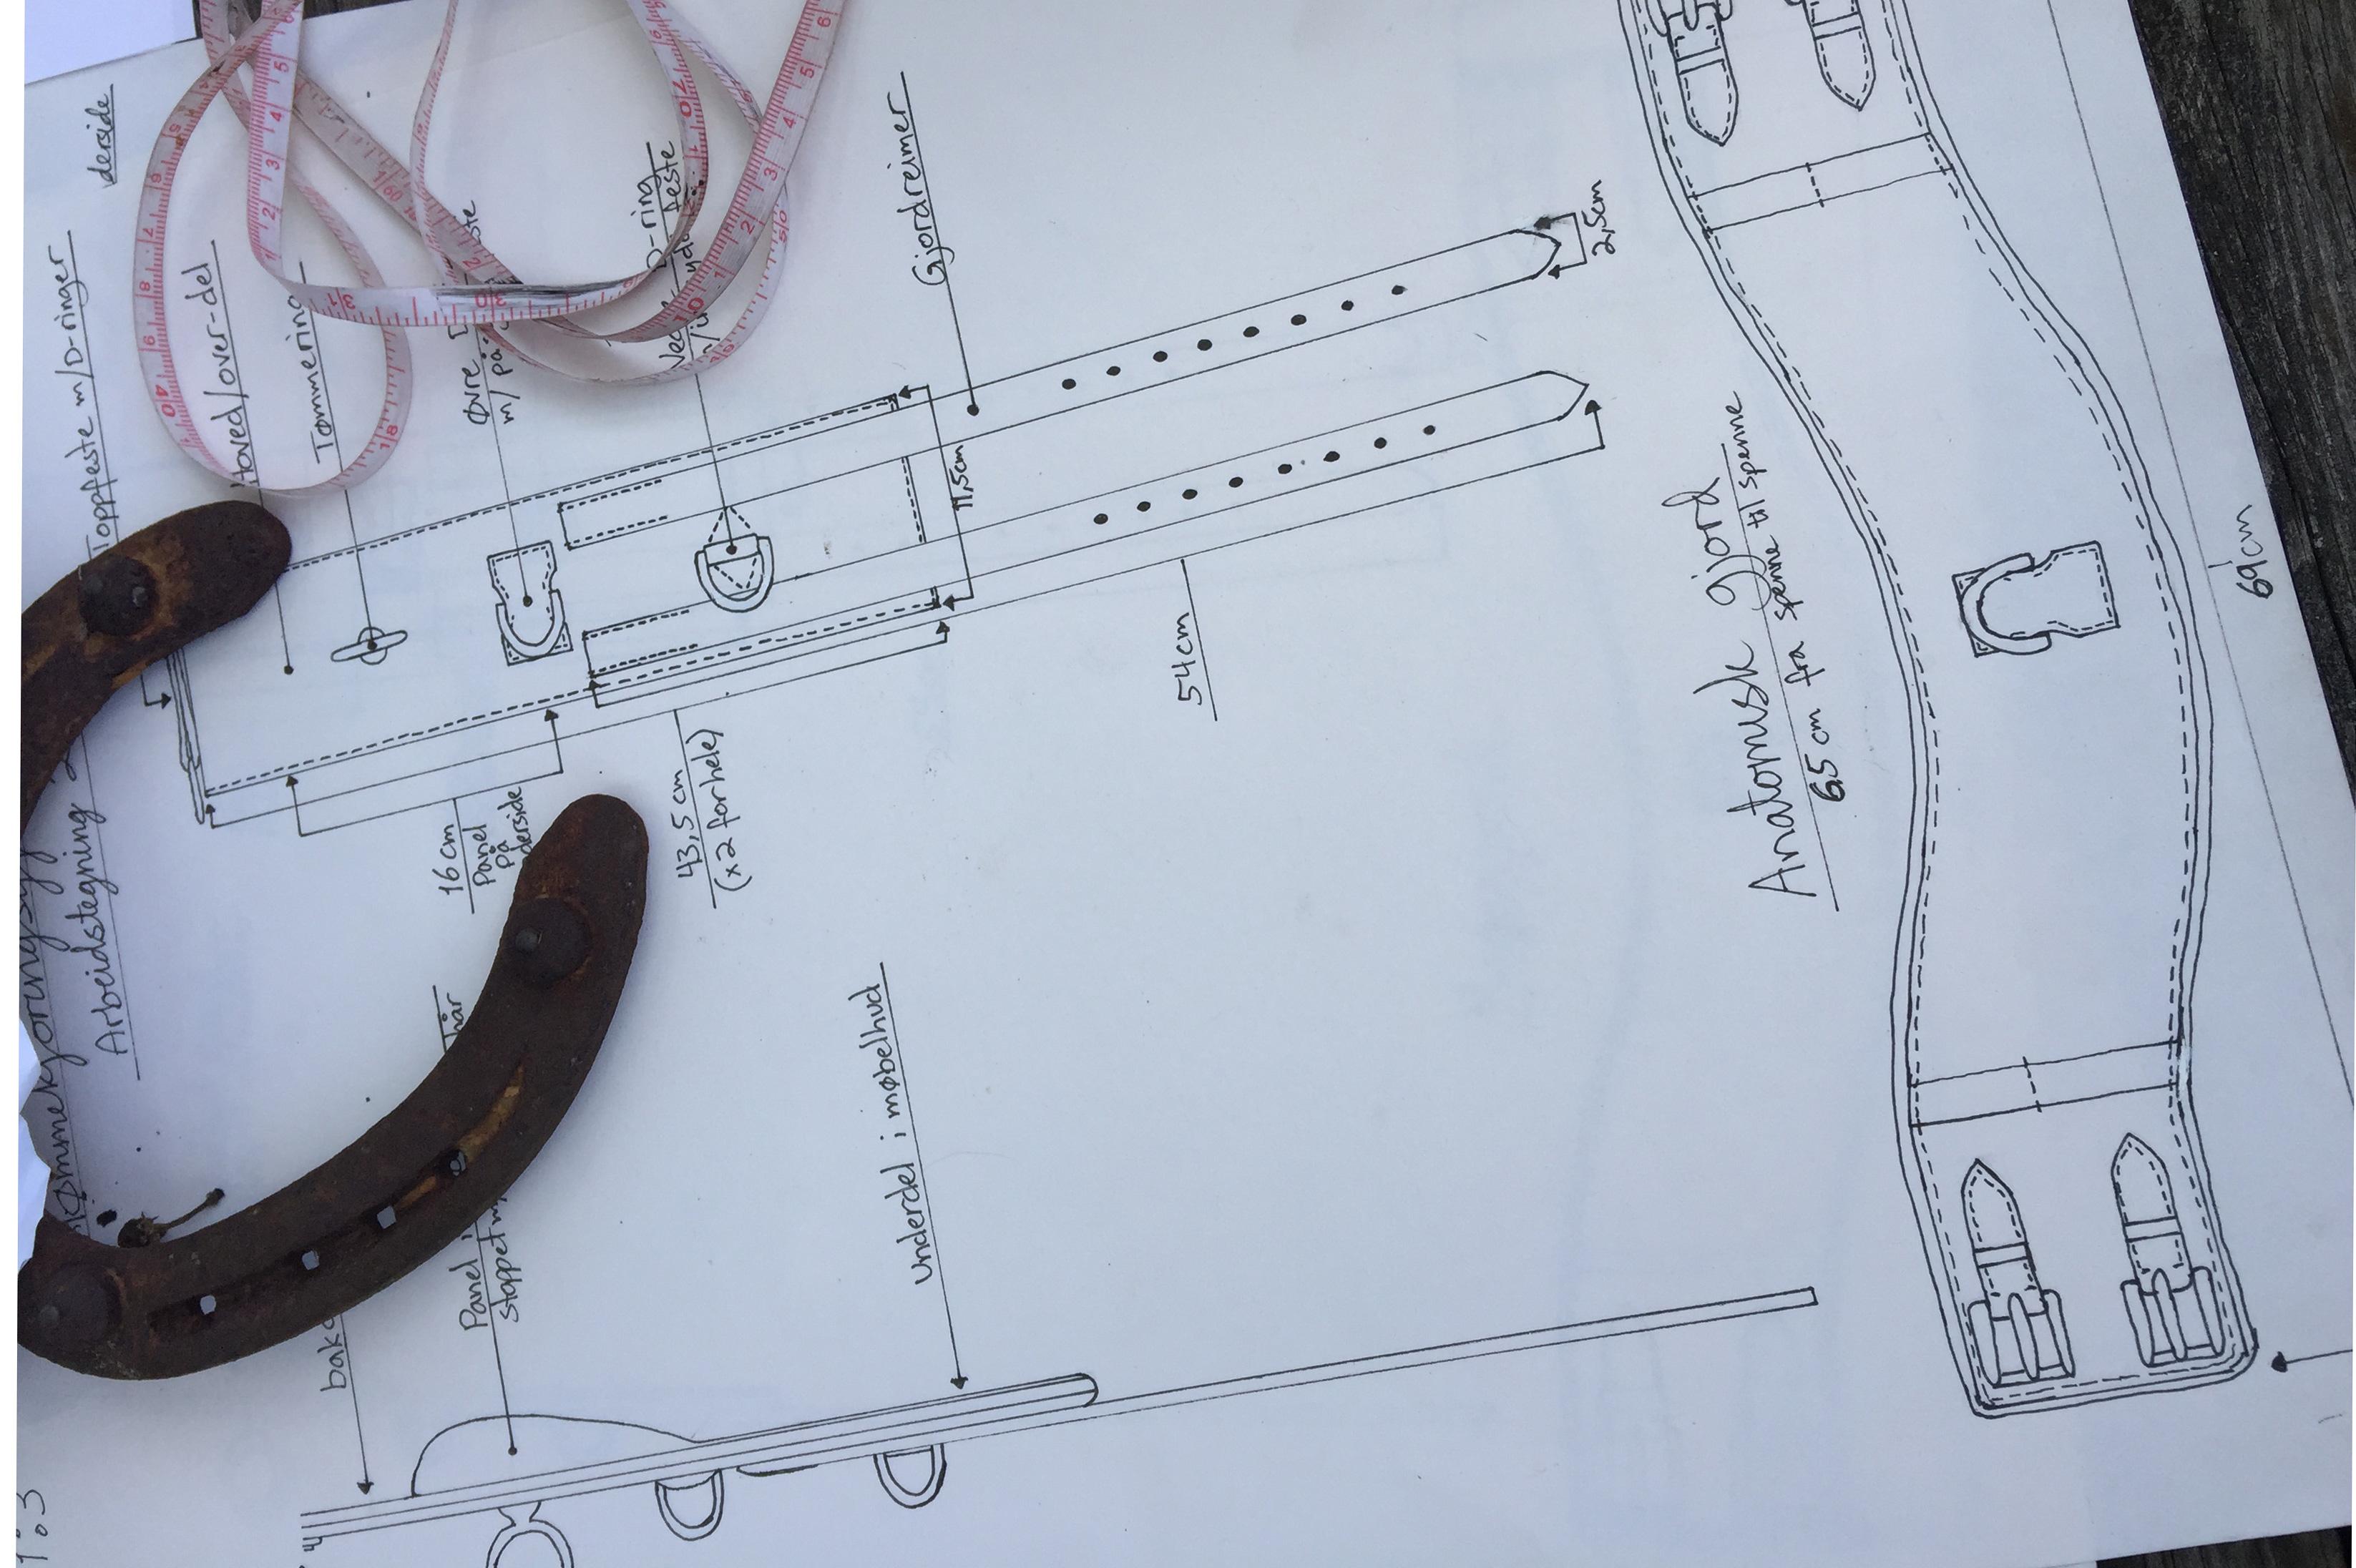 Svenneprøven i salmakerfaget er omfattende. Den starter med en planleggingsdel, der arbeidet skal tegnes med alle detaljer. Målene på arbeidstegningen skal stemme med det ferdige produktet og hestens anatomi og mål.